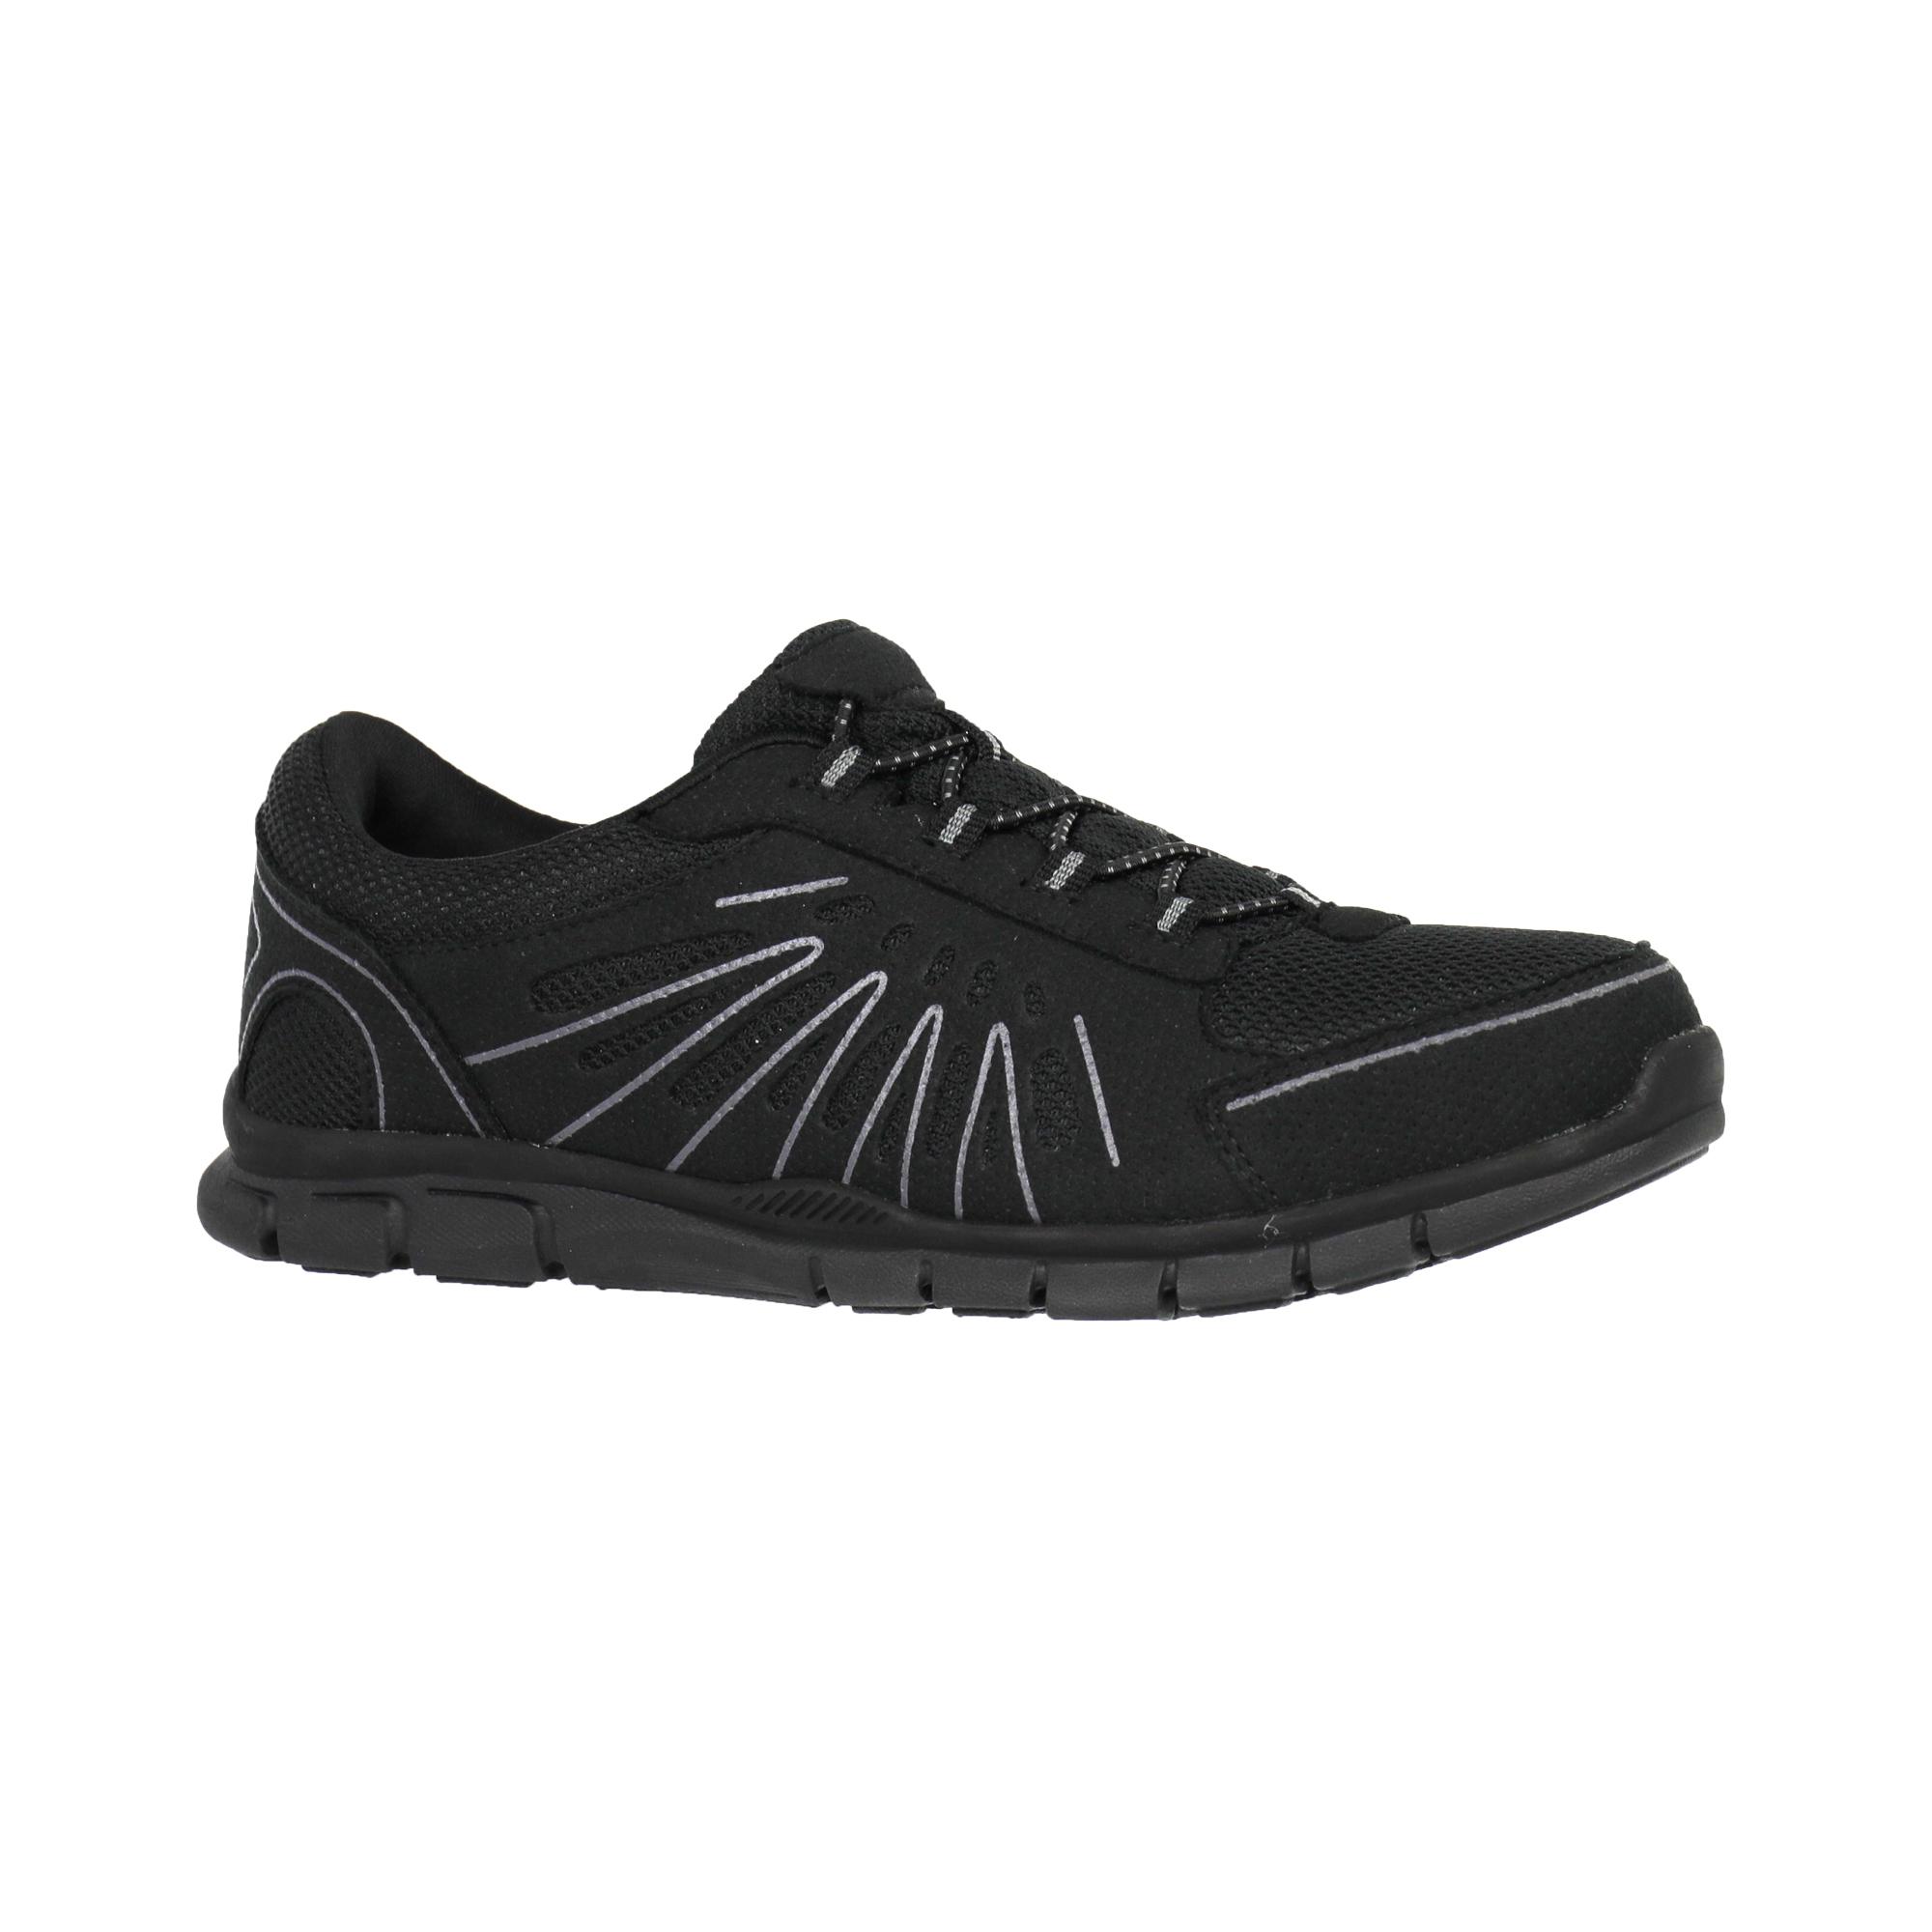 Danskin Now Women's Mesh Walker Shoe by Generic